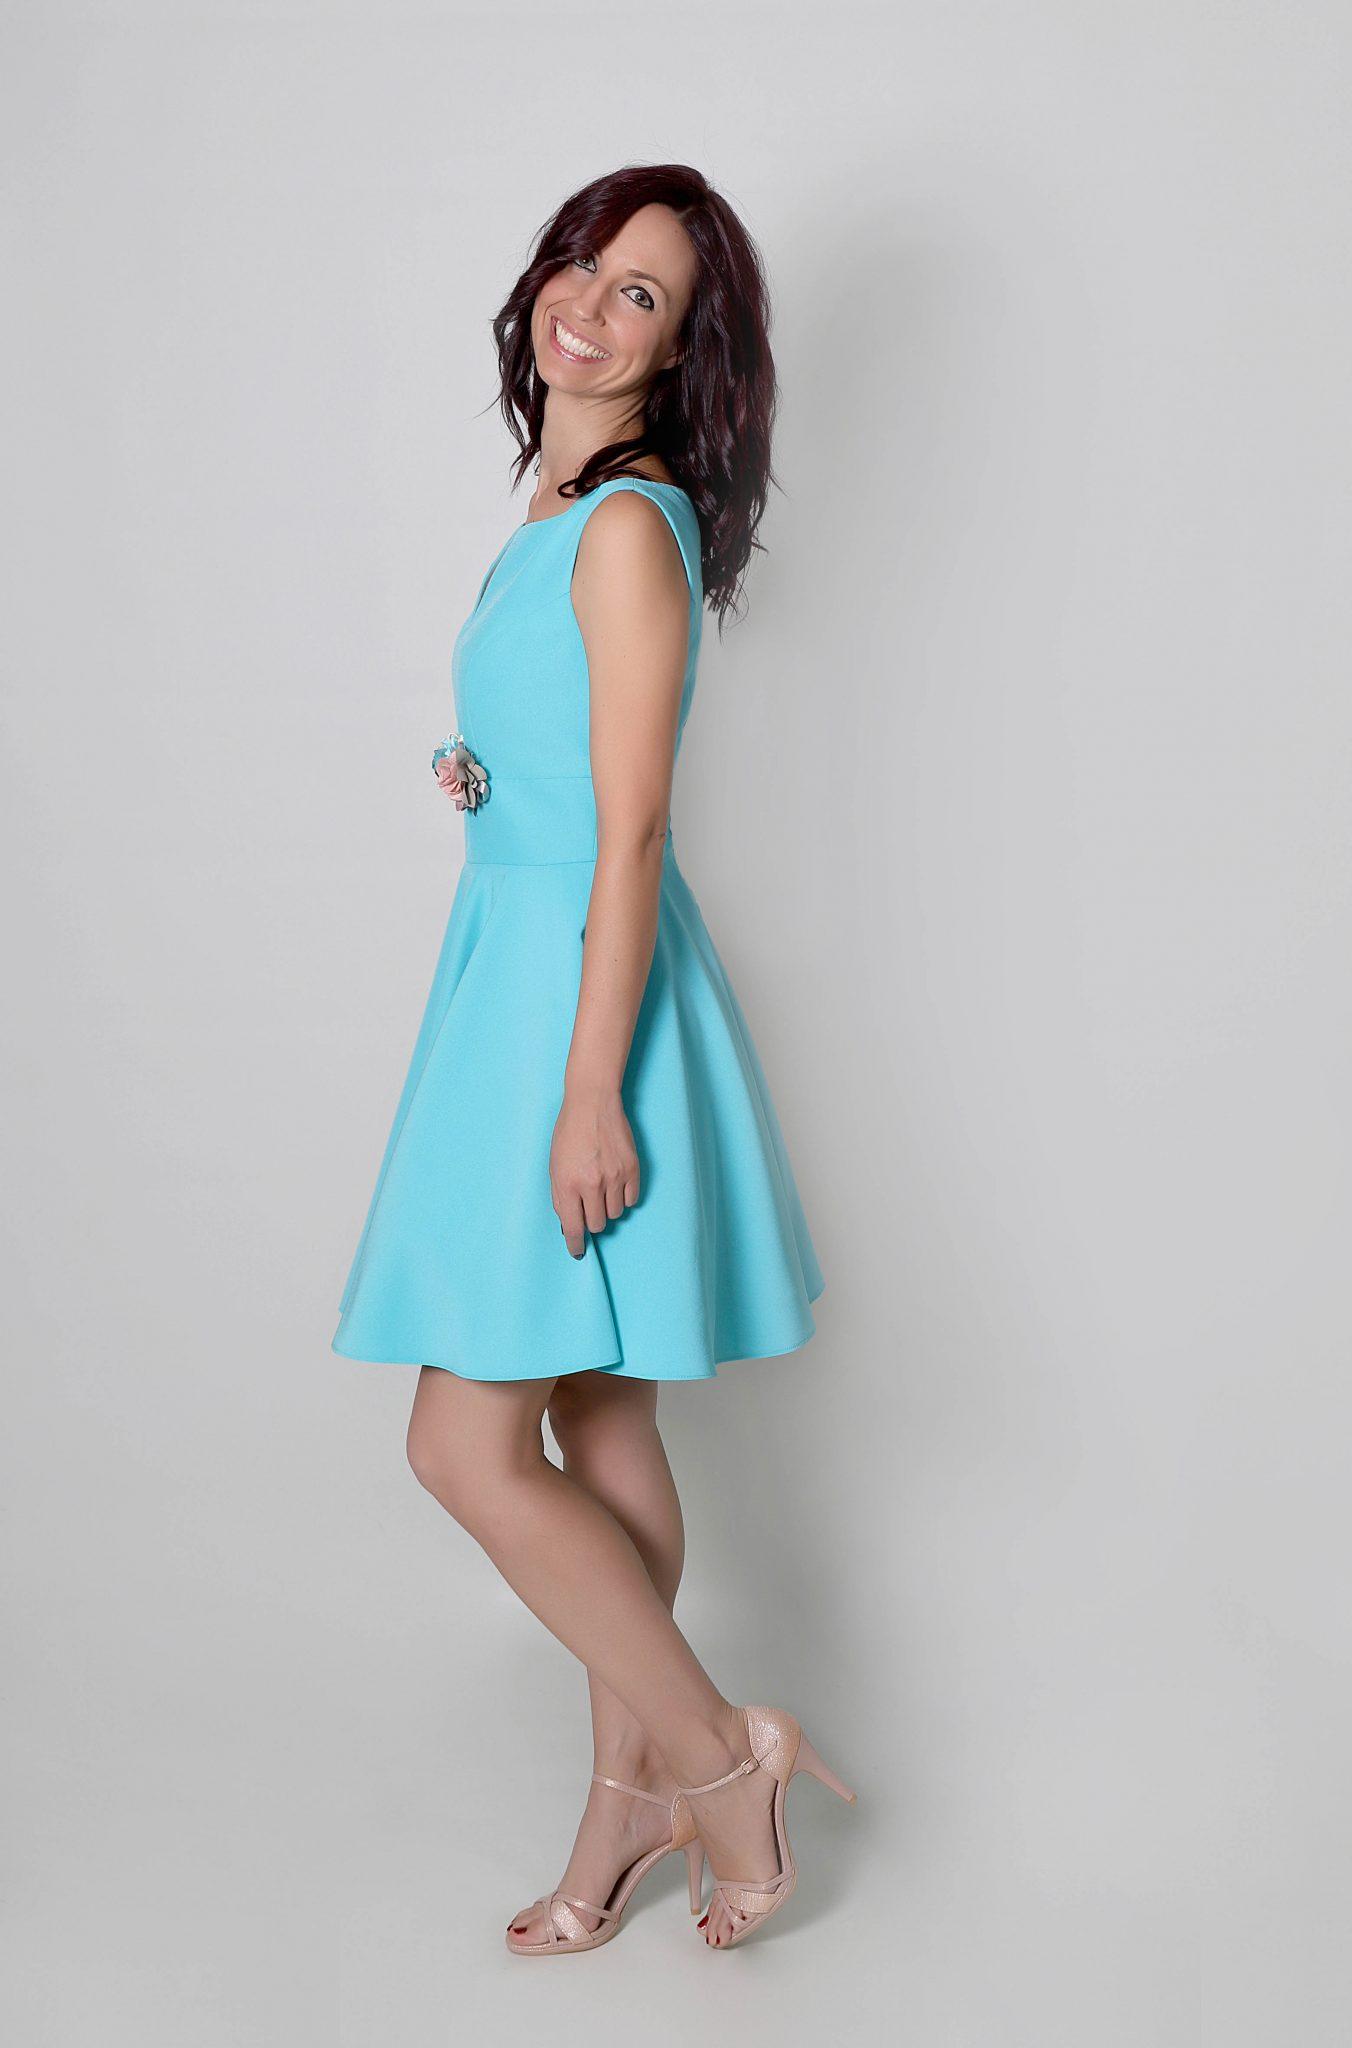 042fd6d6a8 Kussia vestido en crepé para invitada en azul hielo - Todo Ceremonia